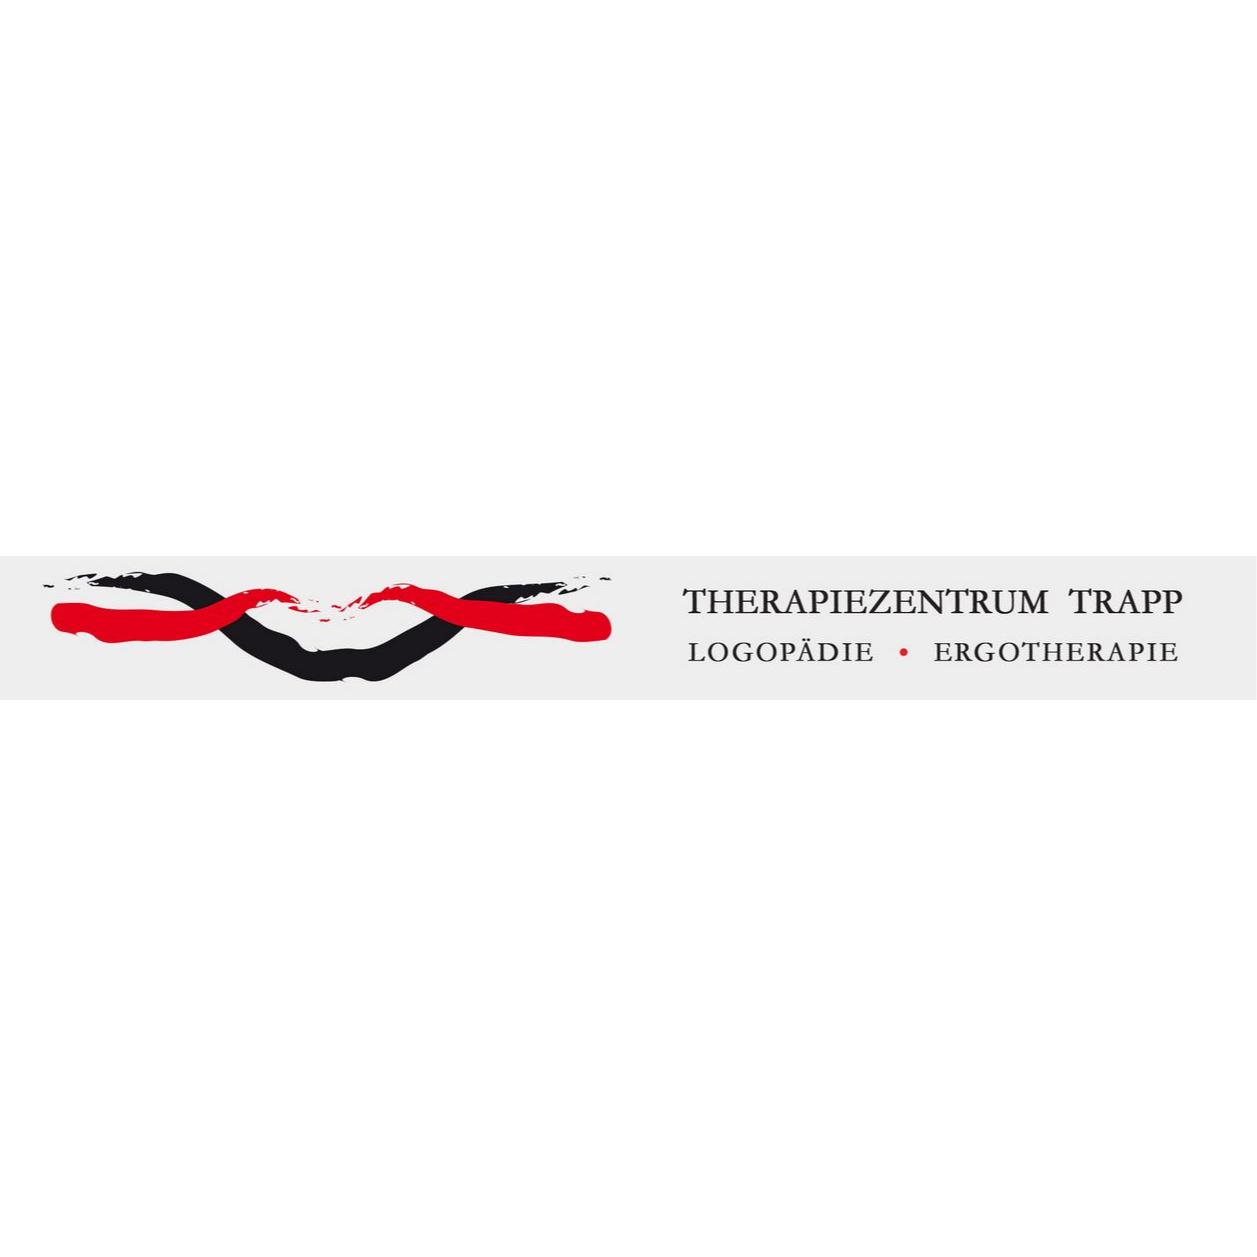 Bild zu Therapiezentrum Trapp Logopädie und Ergotherapie in Rüsselsheim